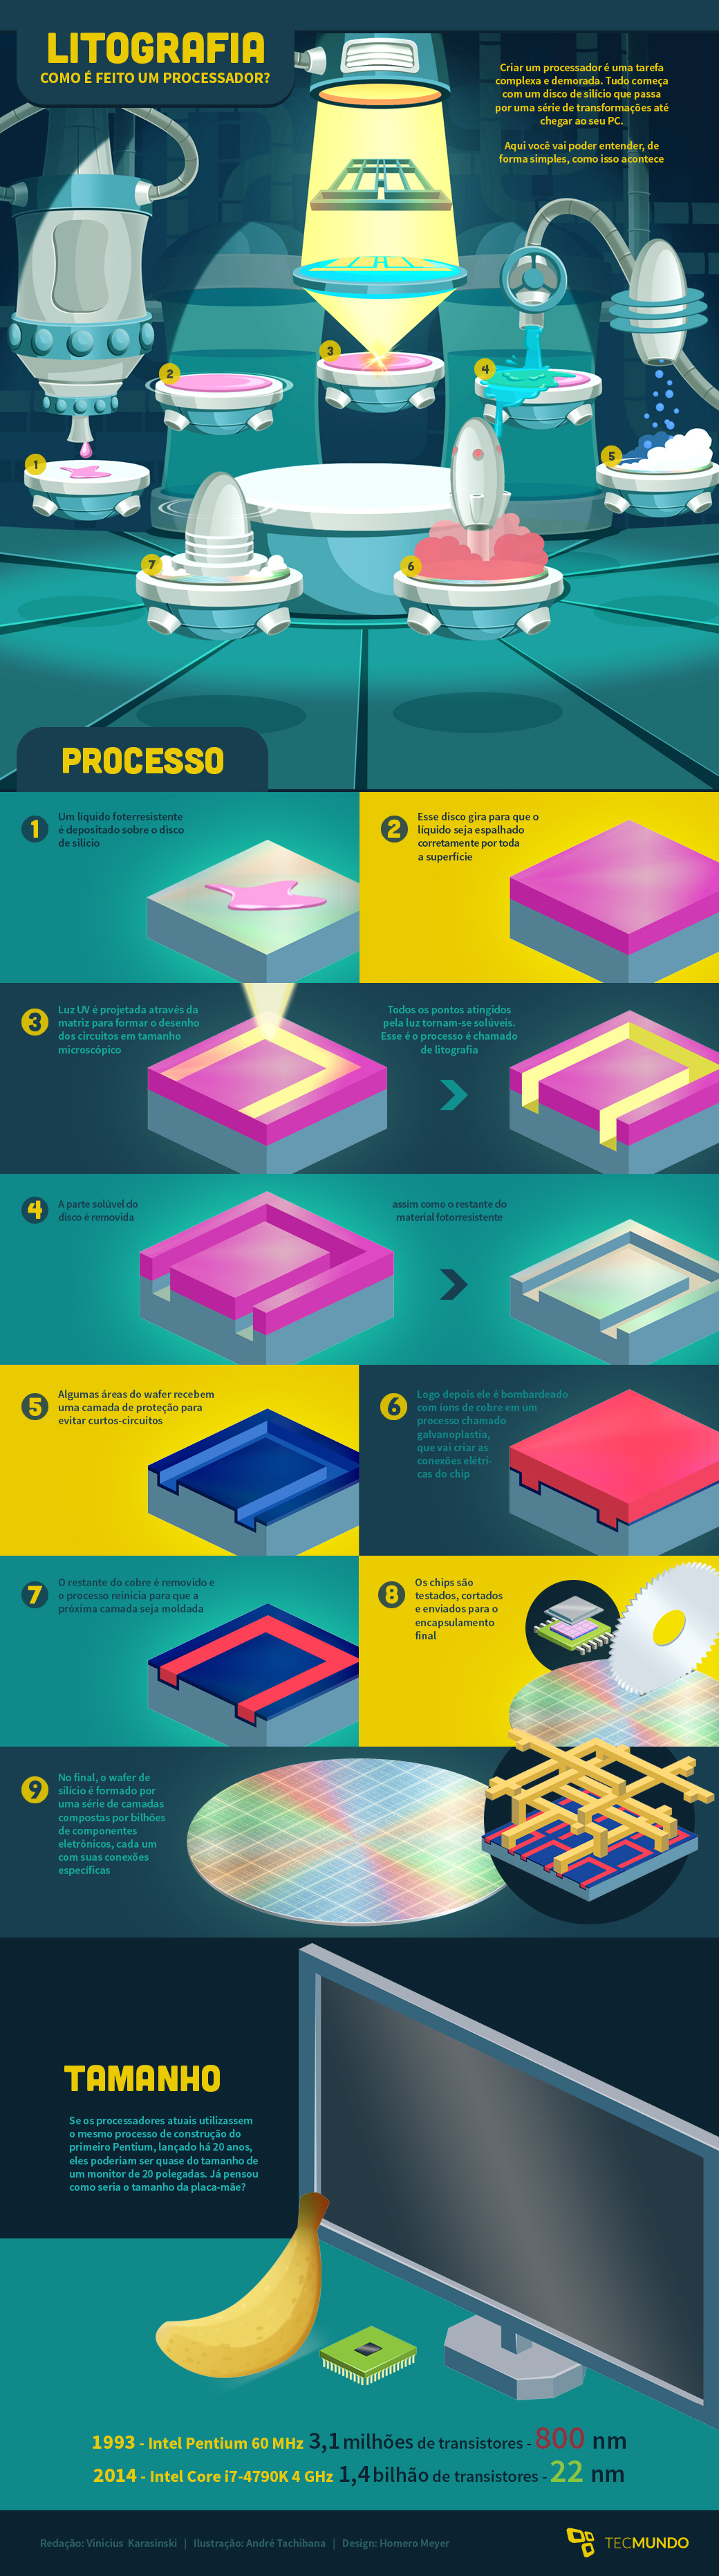 Litografia: como é feito um processador [infográfico]